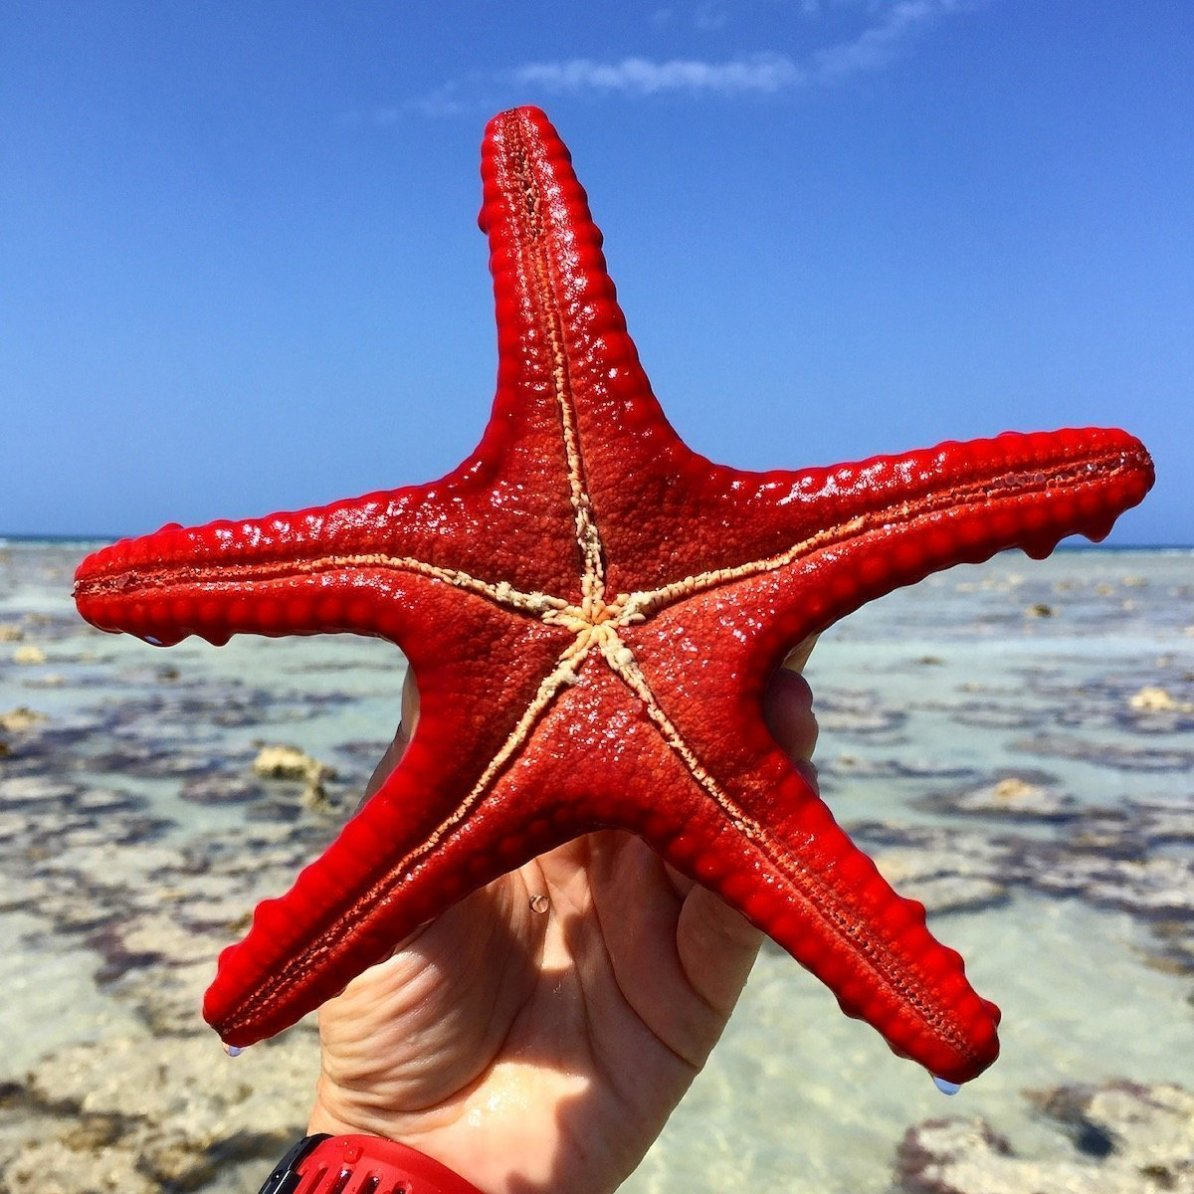 zanzibar-adventure red starfish